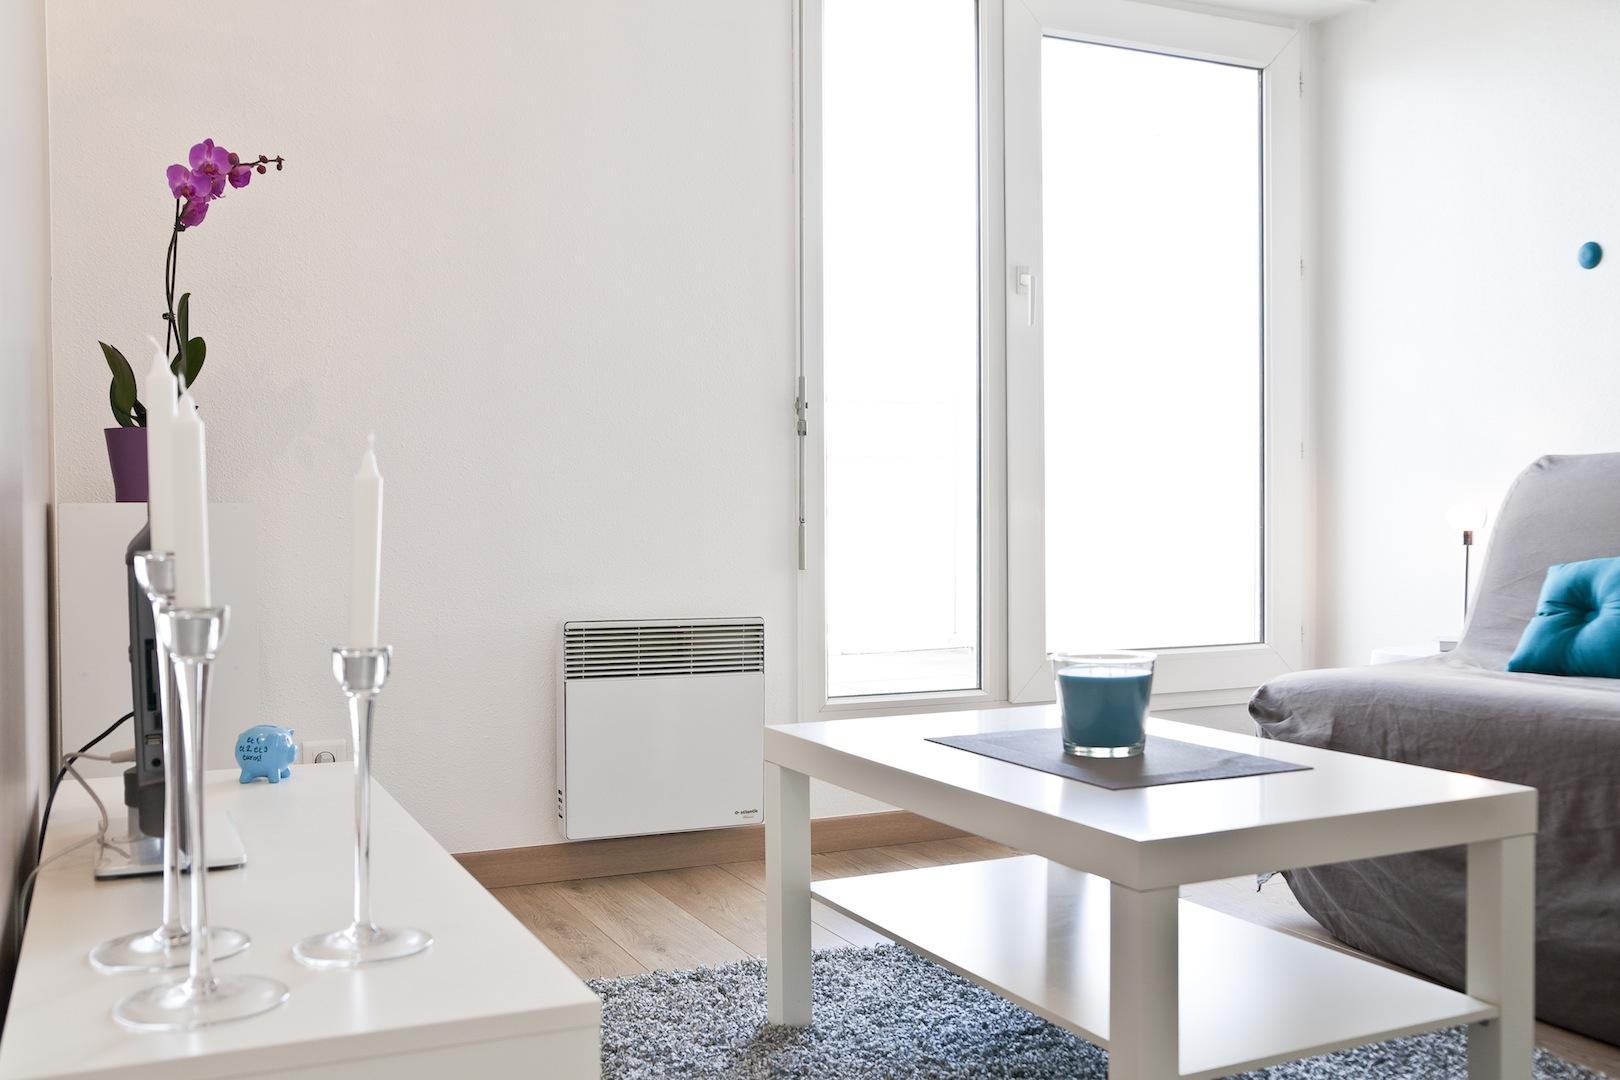 16 appart h tel nantes g te urbain meubl en centre ville de nantes appart h tel nantes. Black Bedroom Furniture Sets. Home Design Ideas